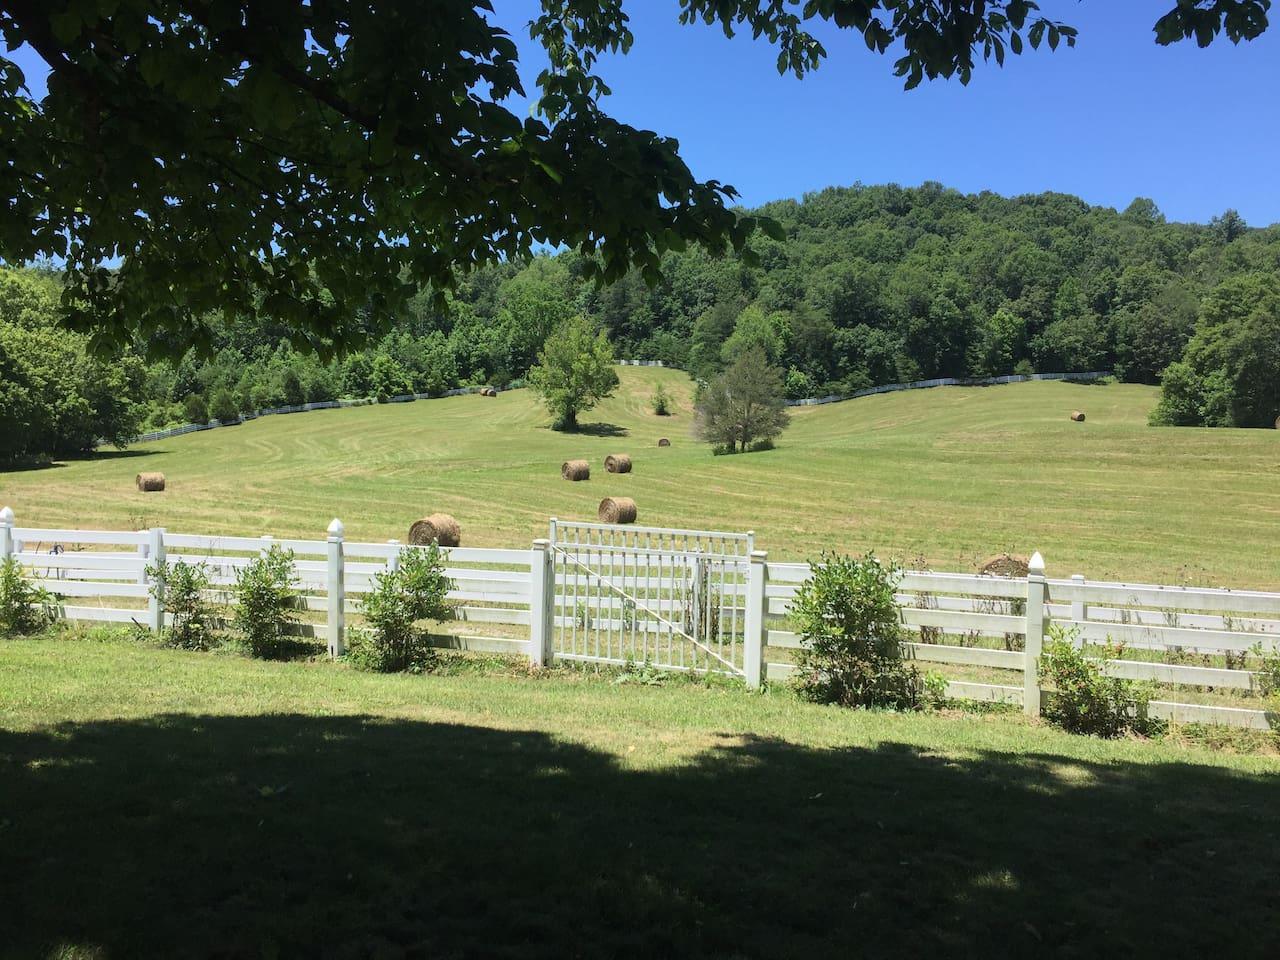 Hike around the pasture!